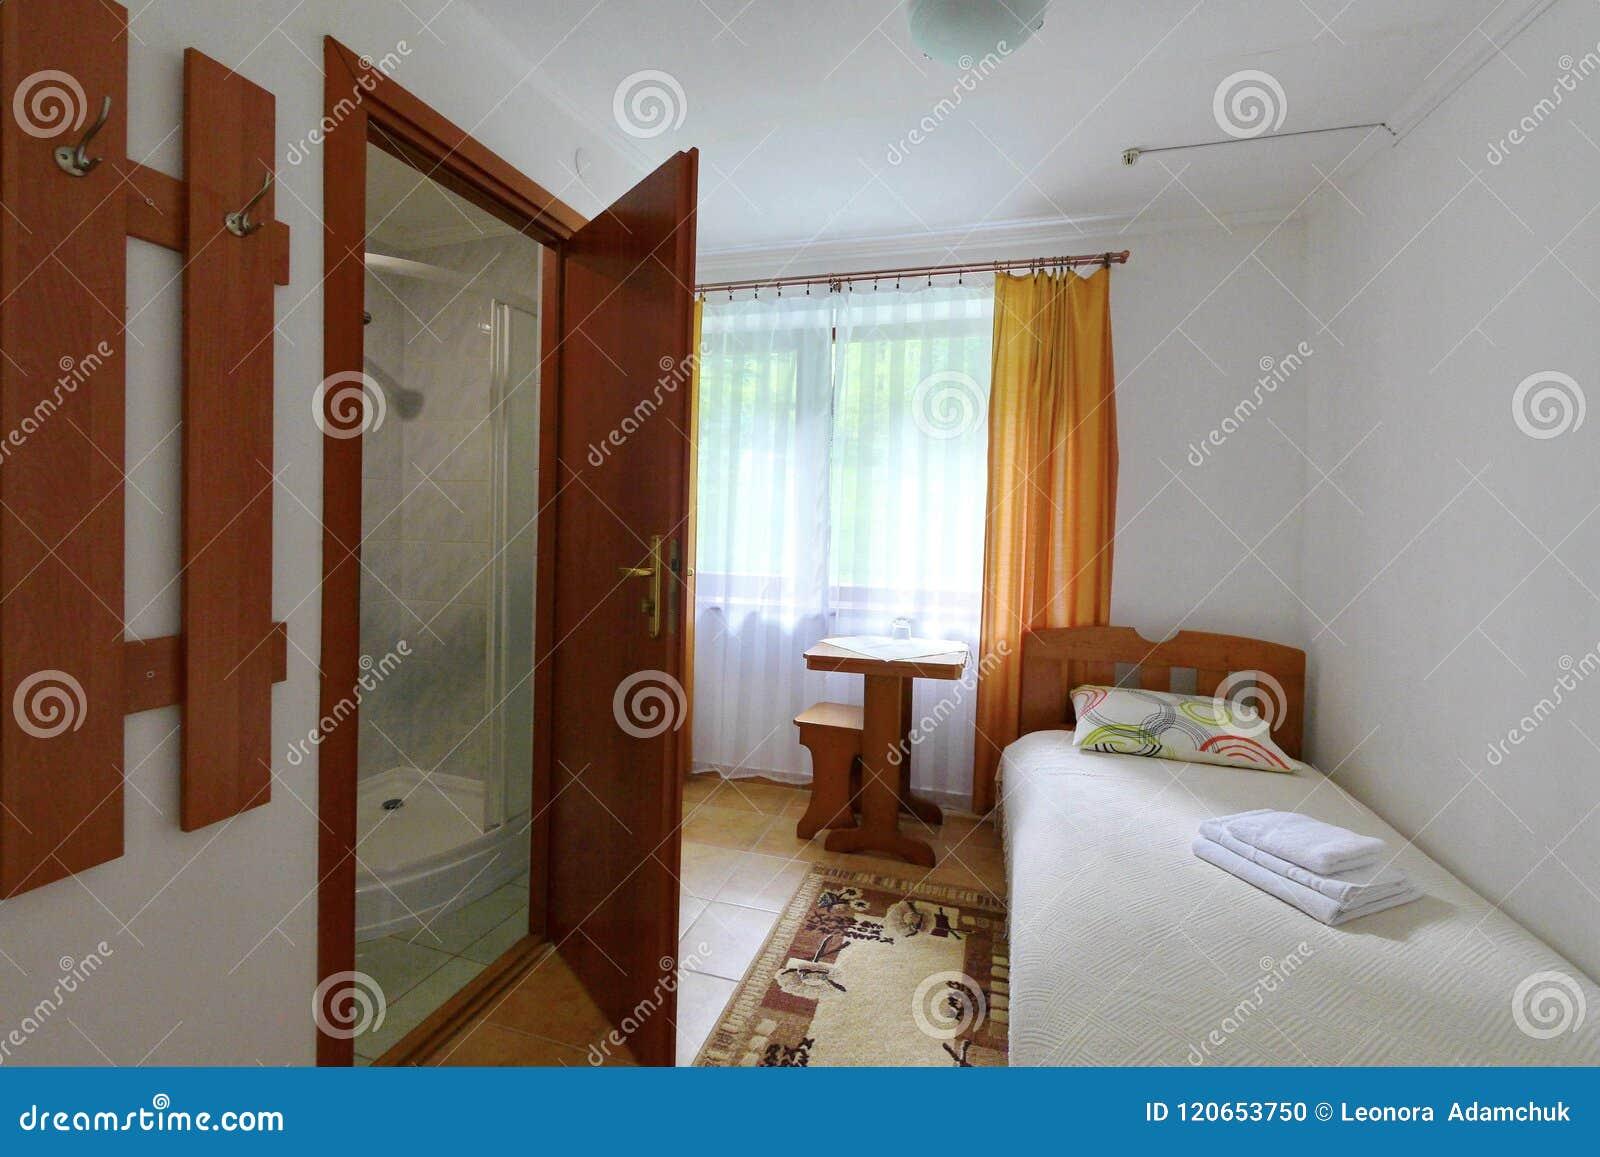 Une Petite Chambre D\'hôtel Avec Une Salle De Bains Combinée Et Un ...